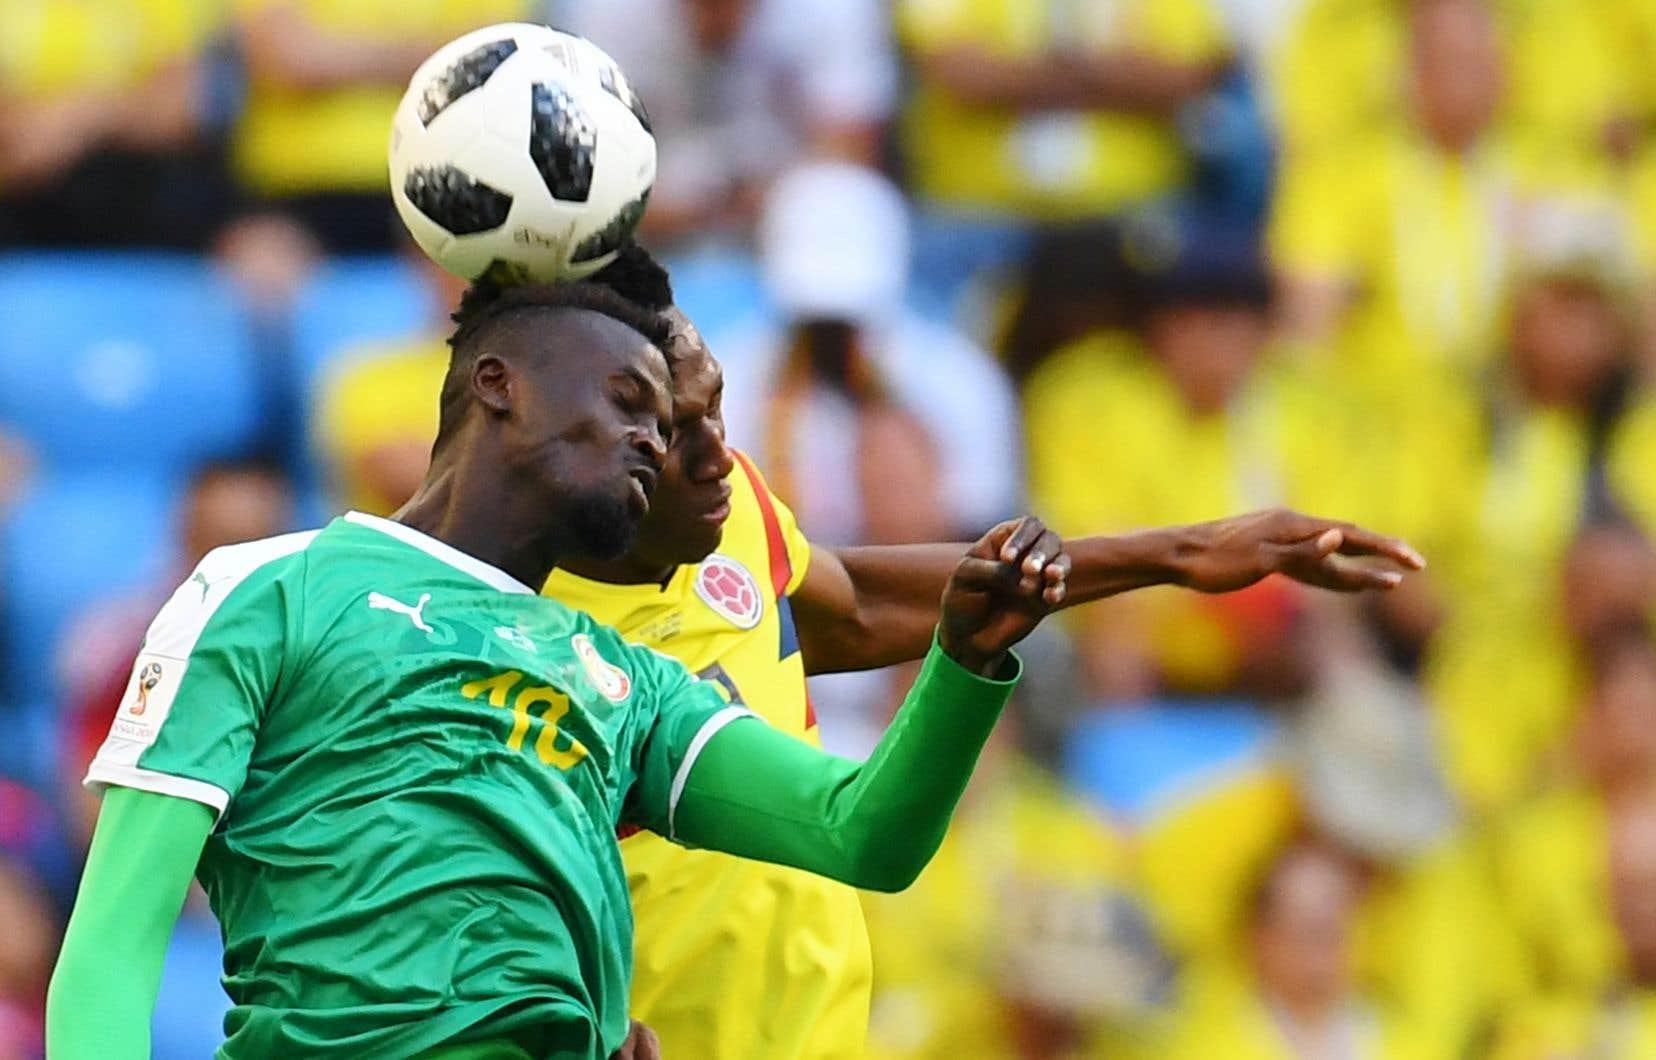 Le Sénégalais Mbaye Niang et le Colombien Yerry Mina se sont durement entrechoqués dans leur dispute du ballon, jeudi. Plus tard dans le match, Mina a marqué le but vainqueur dans une victoire de 1-0.